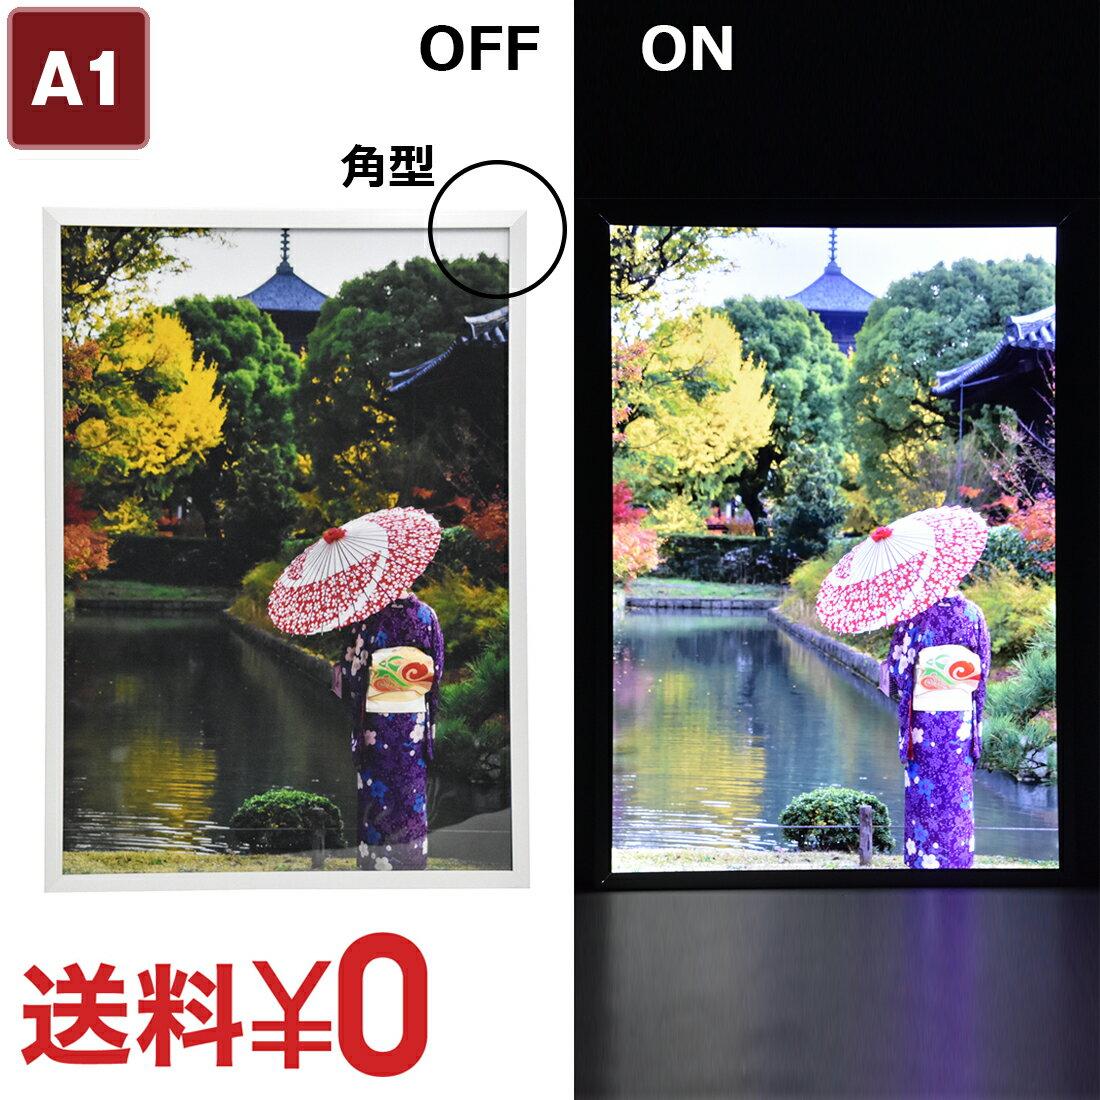 LEDポスターパネルシルバーA1 フレームフラット 光るポスターフレーム 電飾看板 フロントオープン